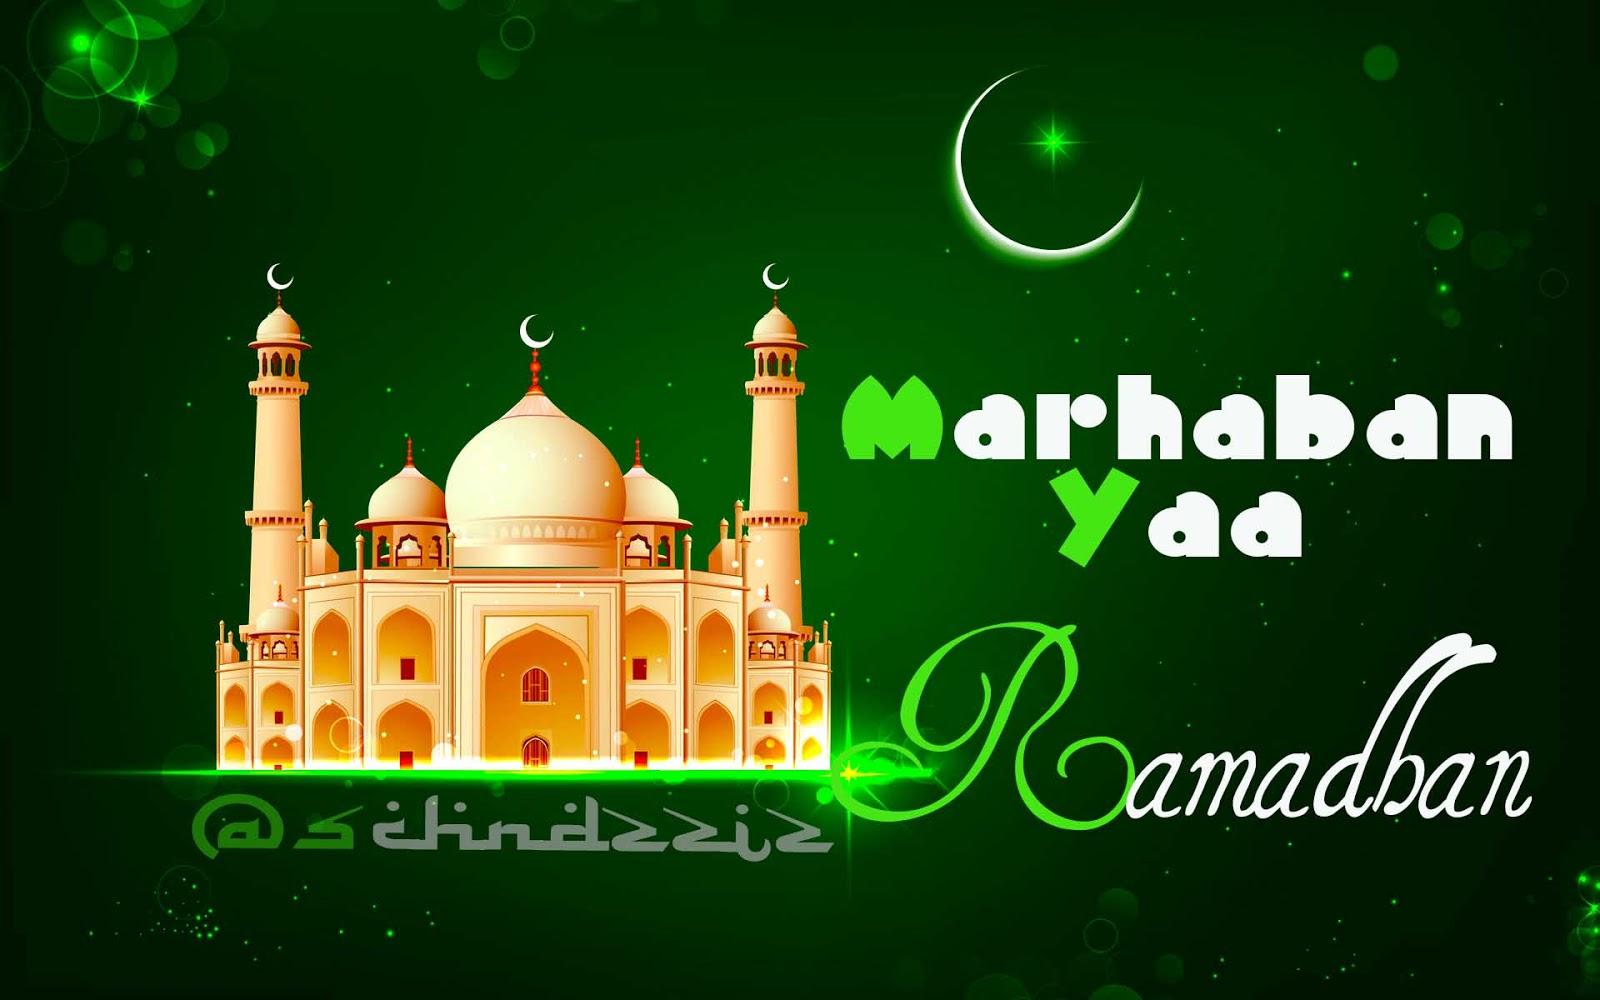 Koleksi Sketsa Gambar Tentang Ramadhan Aliransket